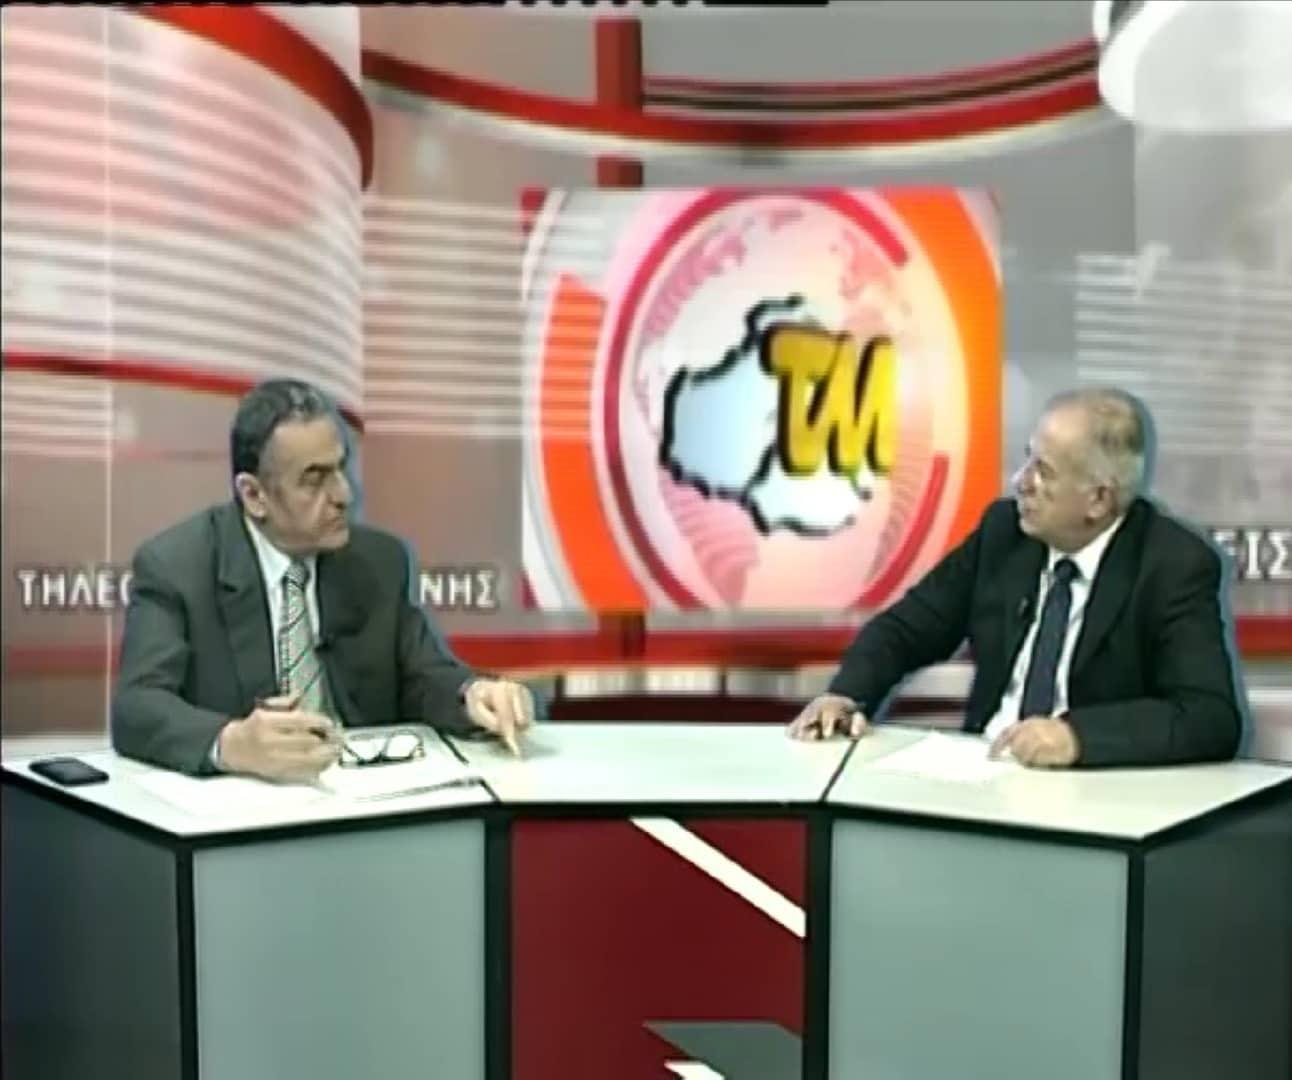 Συνέντευξη του Αντιπροέδρου της Βουλής και Βουλευτή Νομού Λέσβου κ. Χαράλαμπου Αθανασίου στη τηλεόραση Μυτιλήνης την Παρασκευή 6 Δεκεμβρίου 2019.